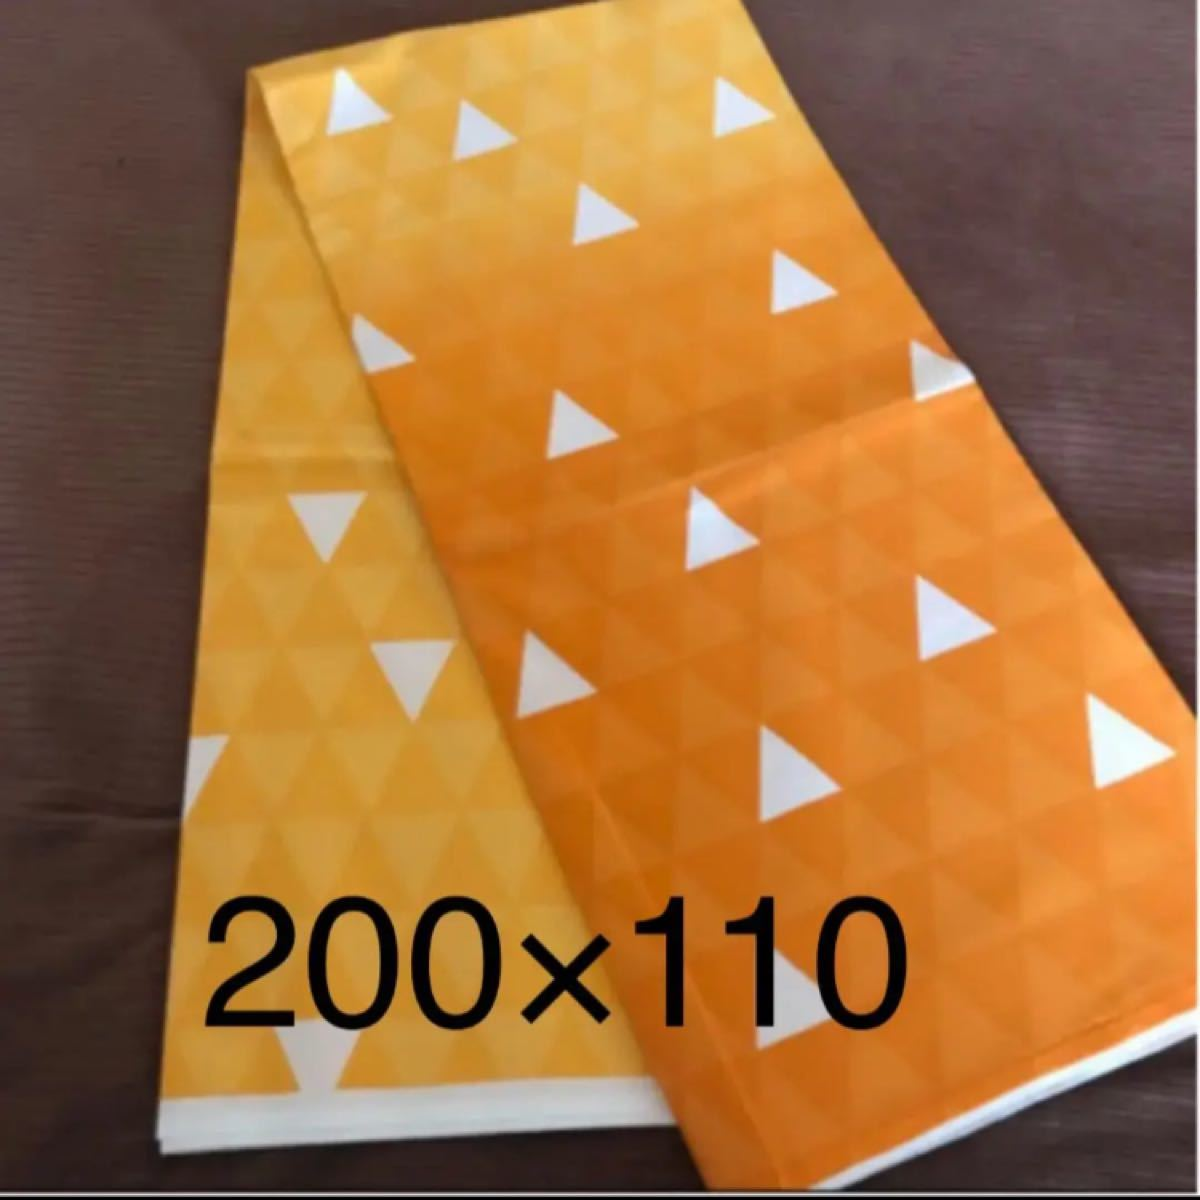 鬼滅の刃 布 生地(ブロード生地) 綿100%  約200×110